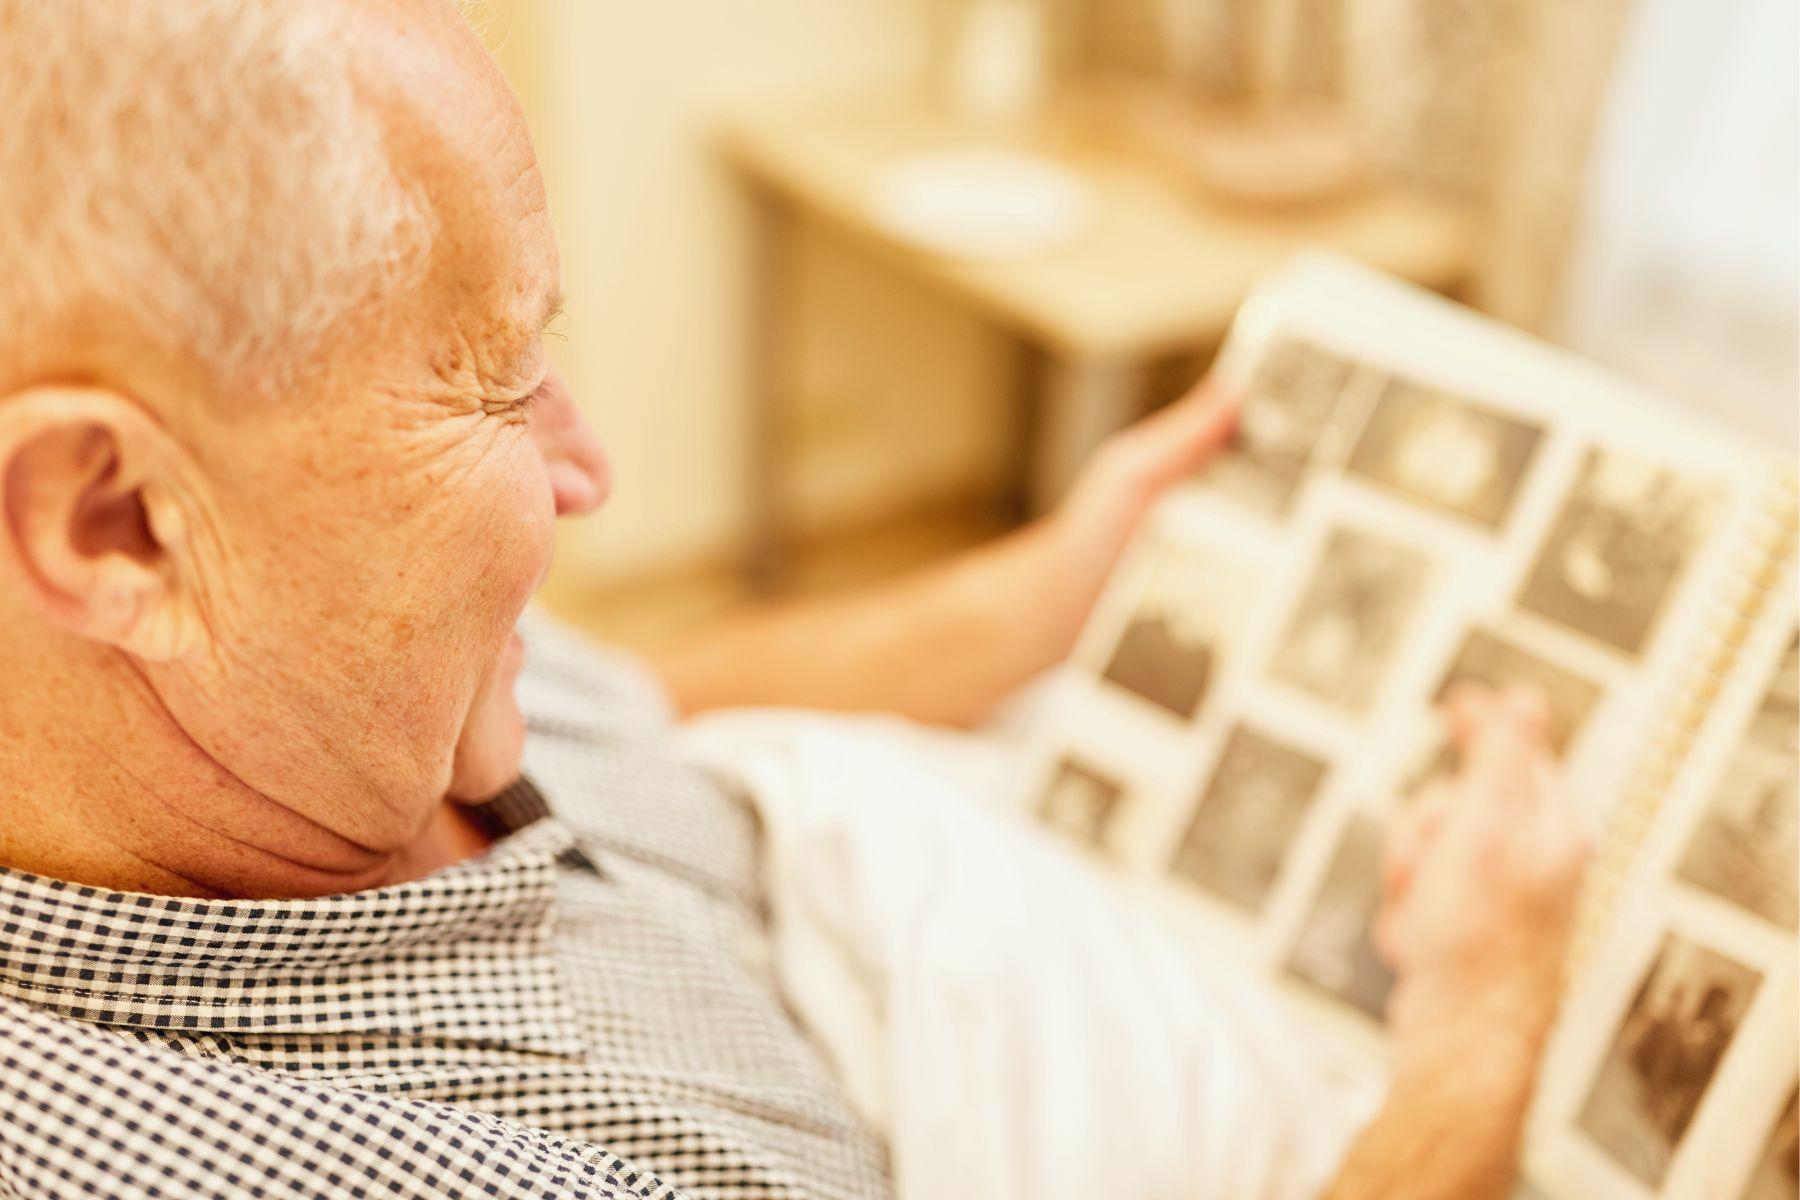 不讓失智症找上門!前國健署署長公開:對抗衰老、大腦退化的5個簡單動作